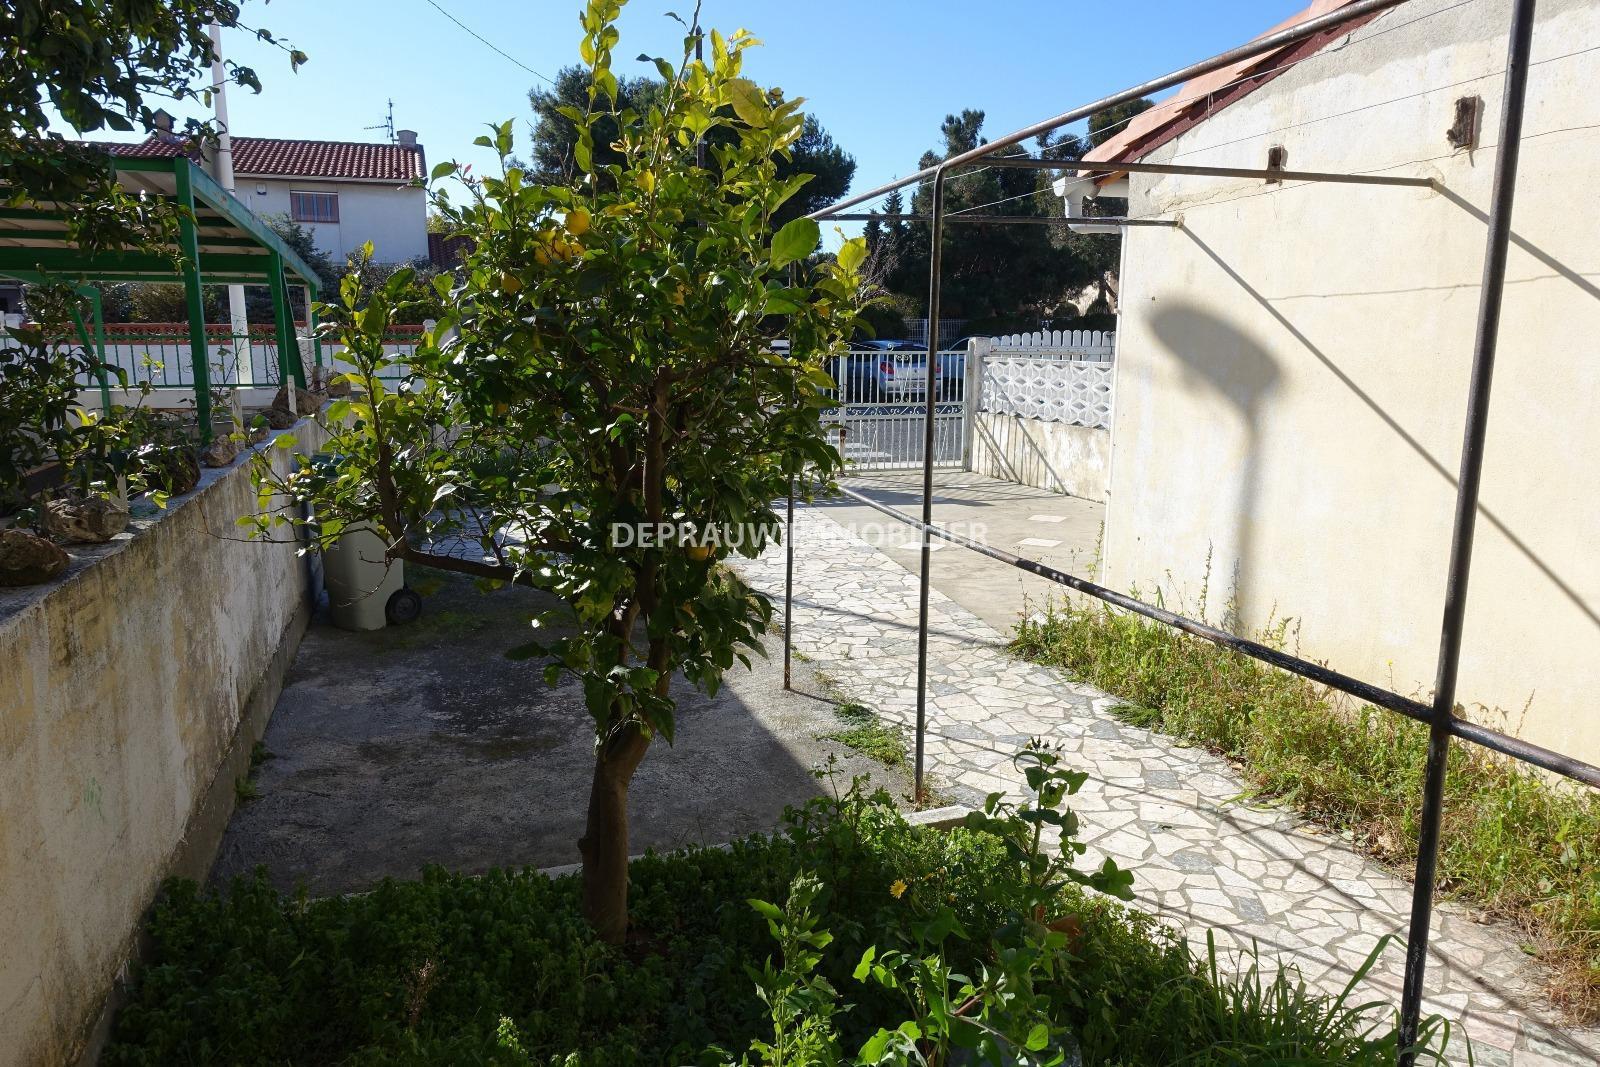 Vente perpignan nord maison t4 avec jardin et garage - Jardin en pente photos perpignan ...